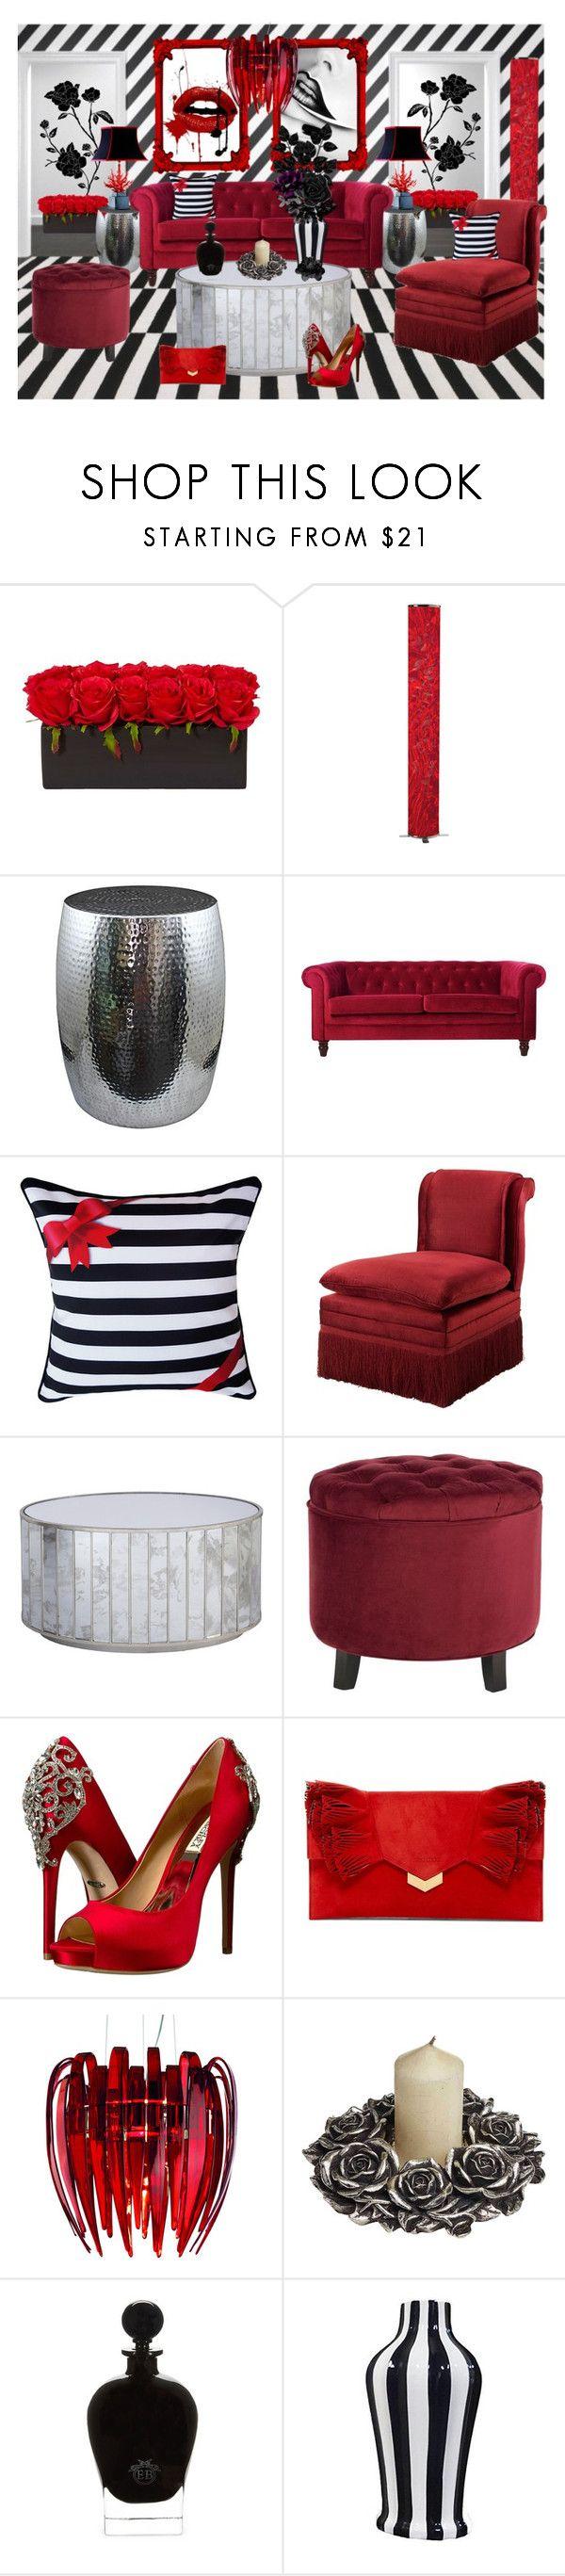 Black, White & Red Living Room | Red living rooms, Black white red ...